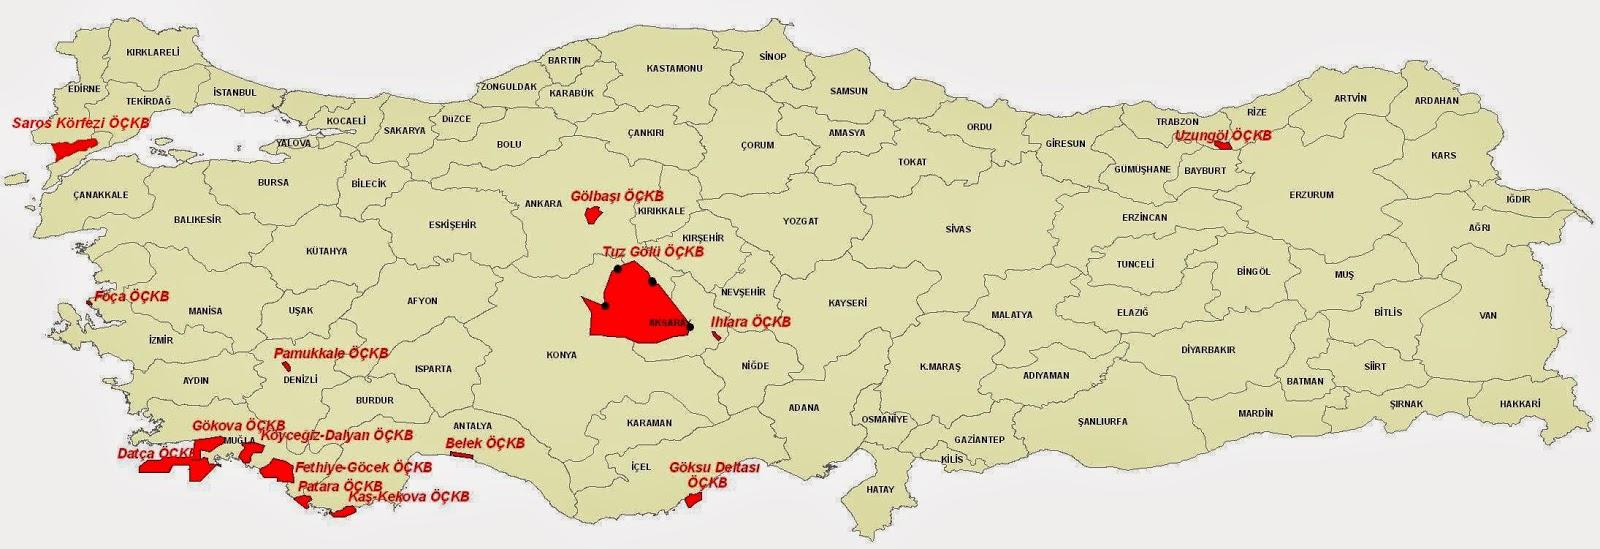 T�rkiye �zel �evre Koruma B�lgeleri Haritas�